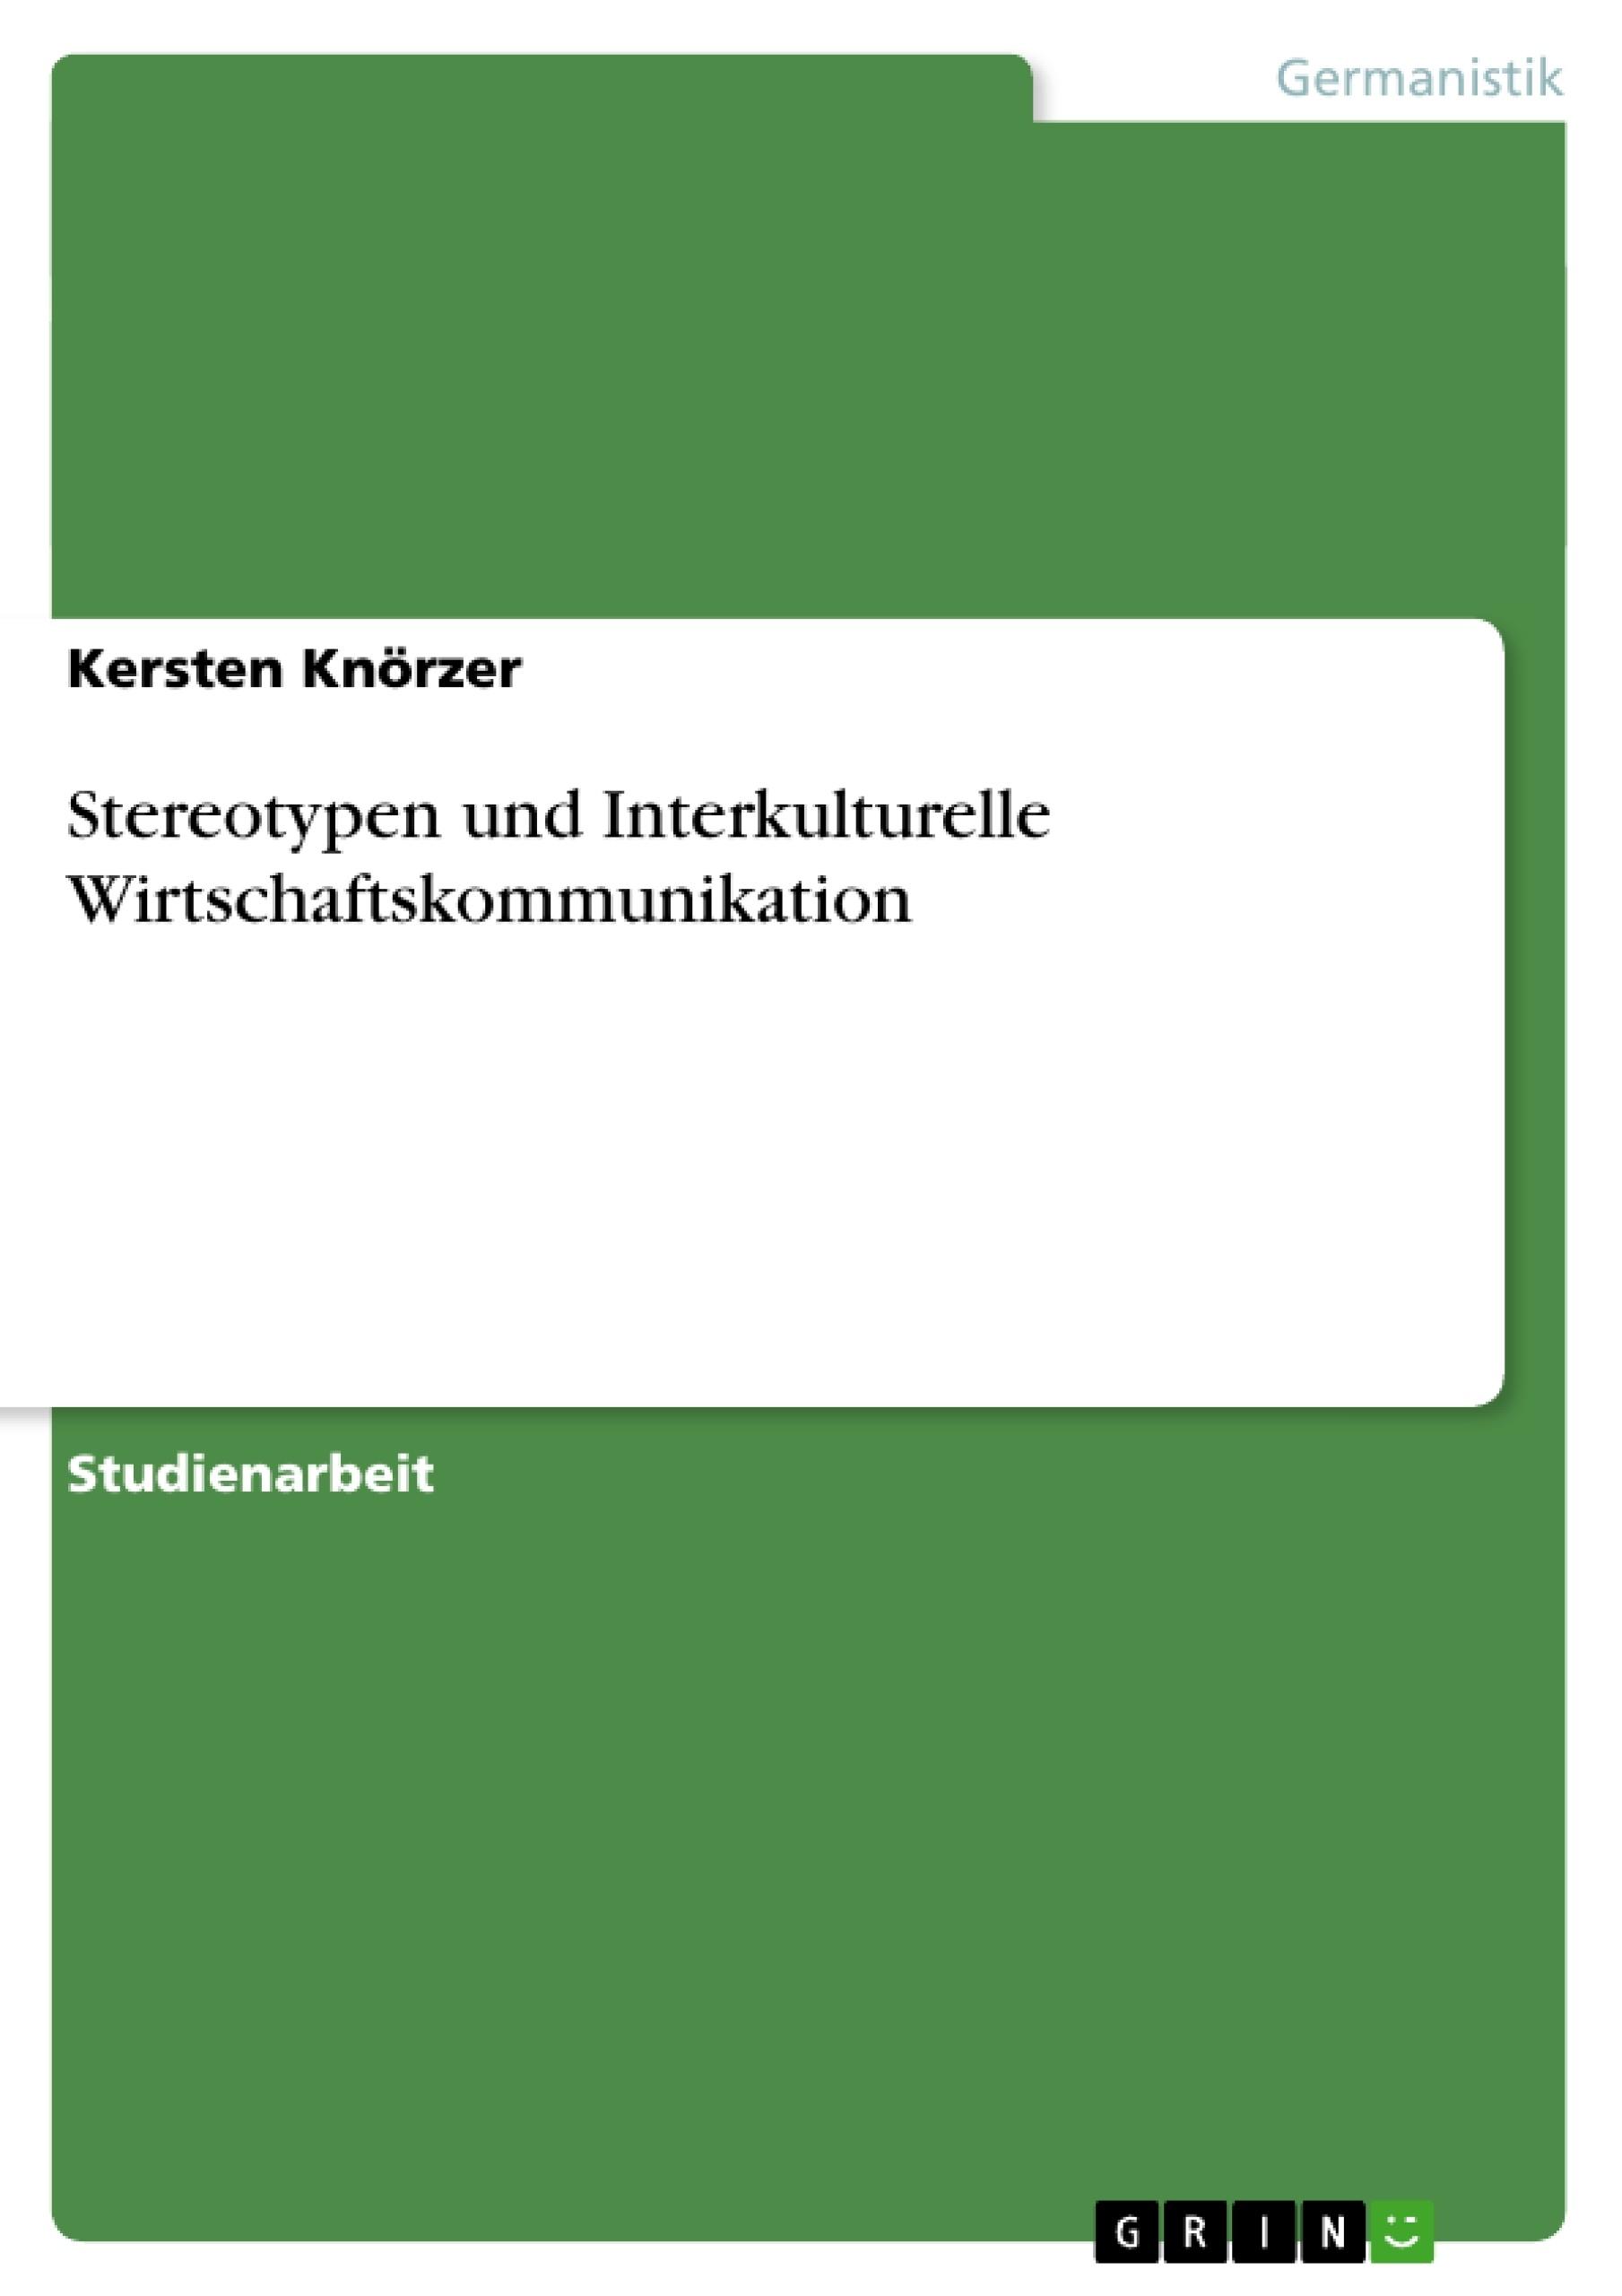 Titel: Stereotypen und Interkulturelle Wirtschaftskommunikation